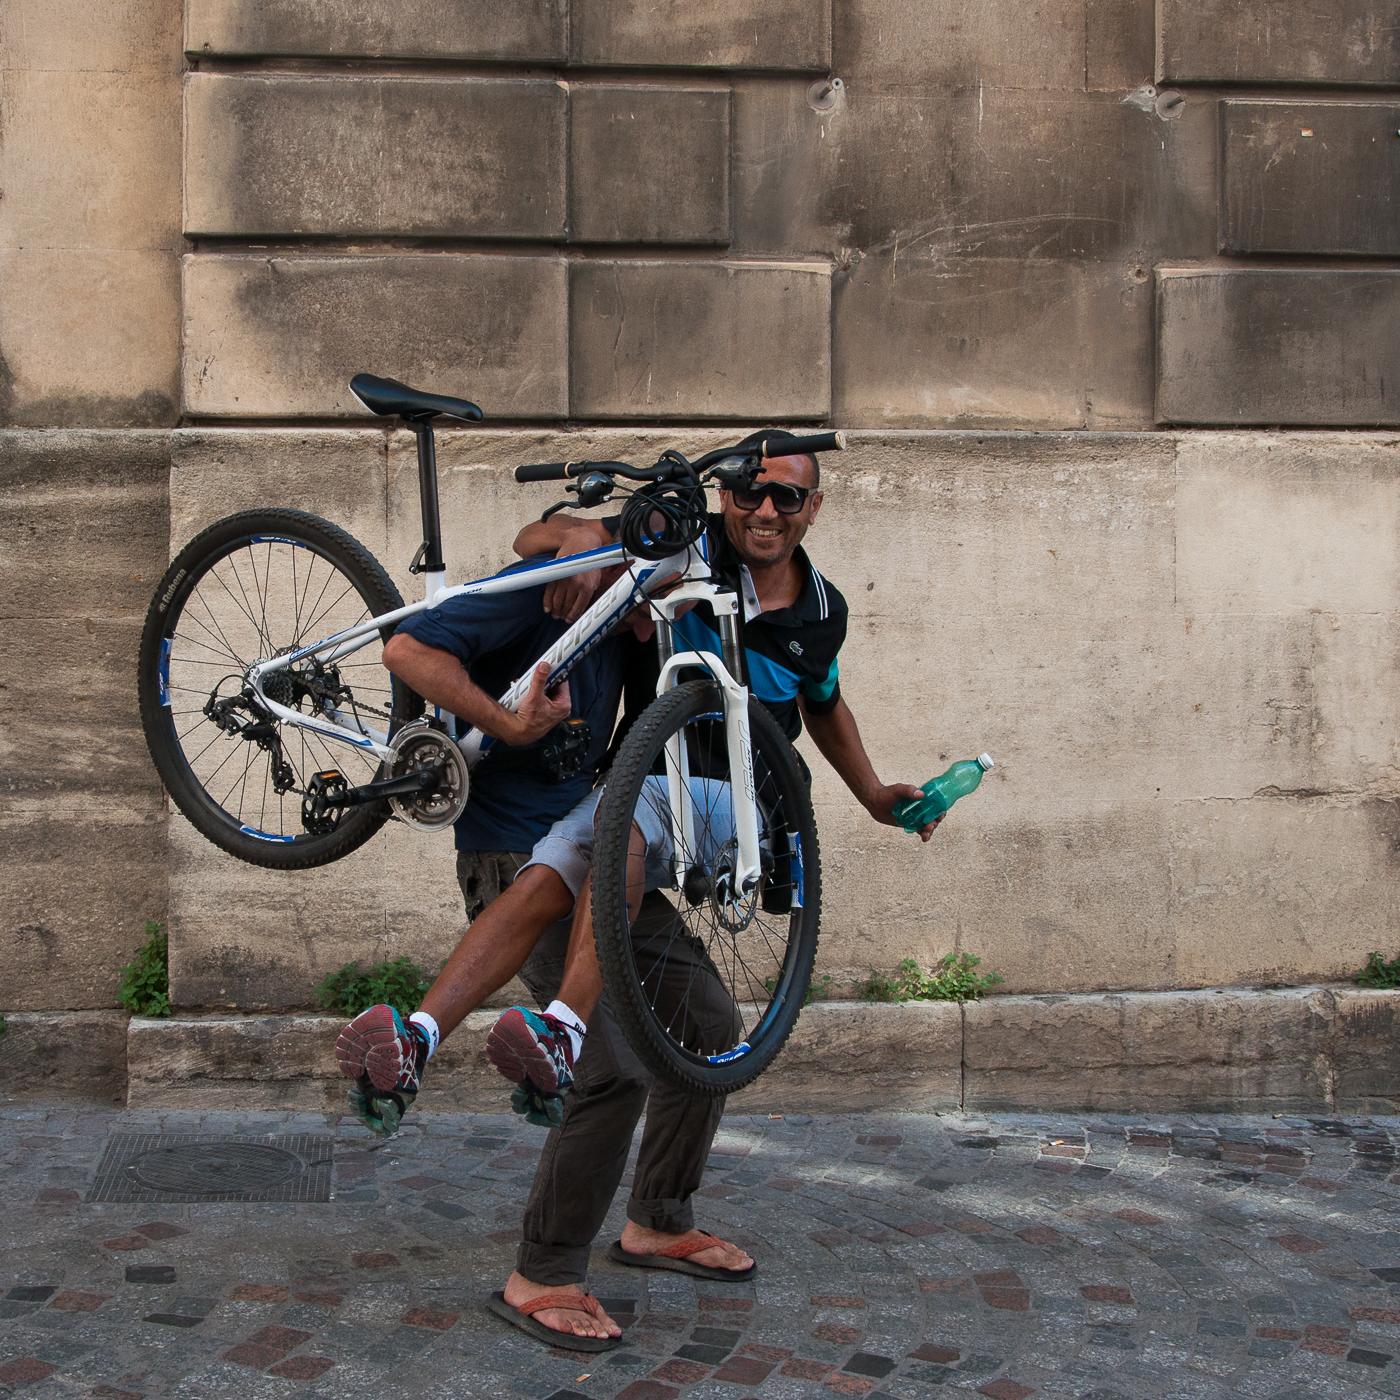 Arles_2015_-_Cycliste_équipé